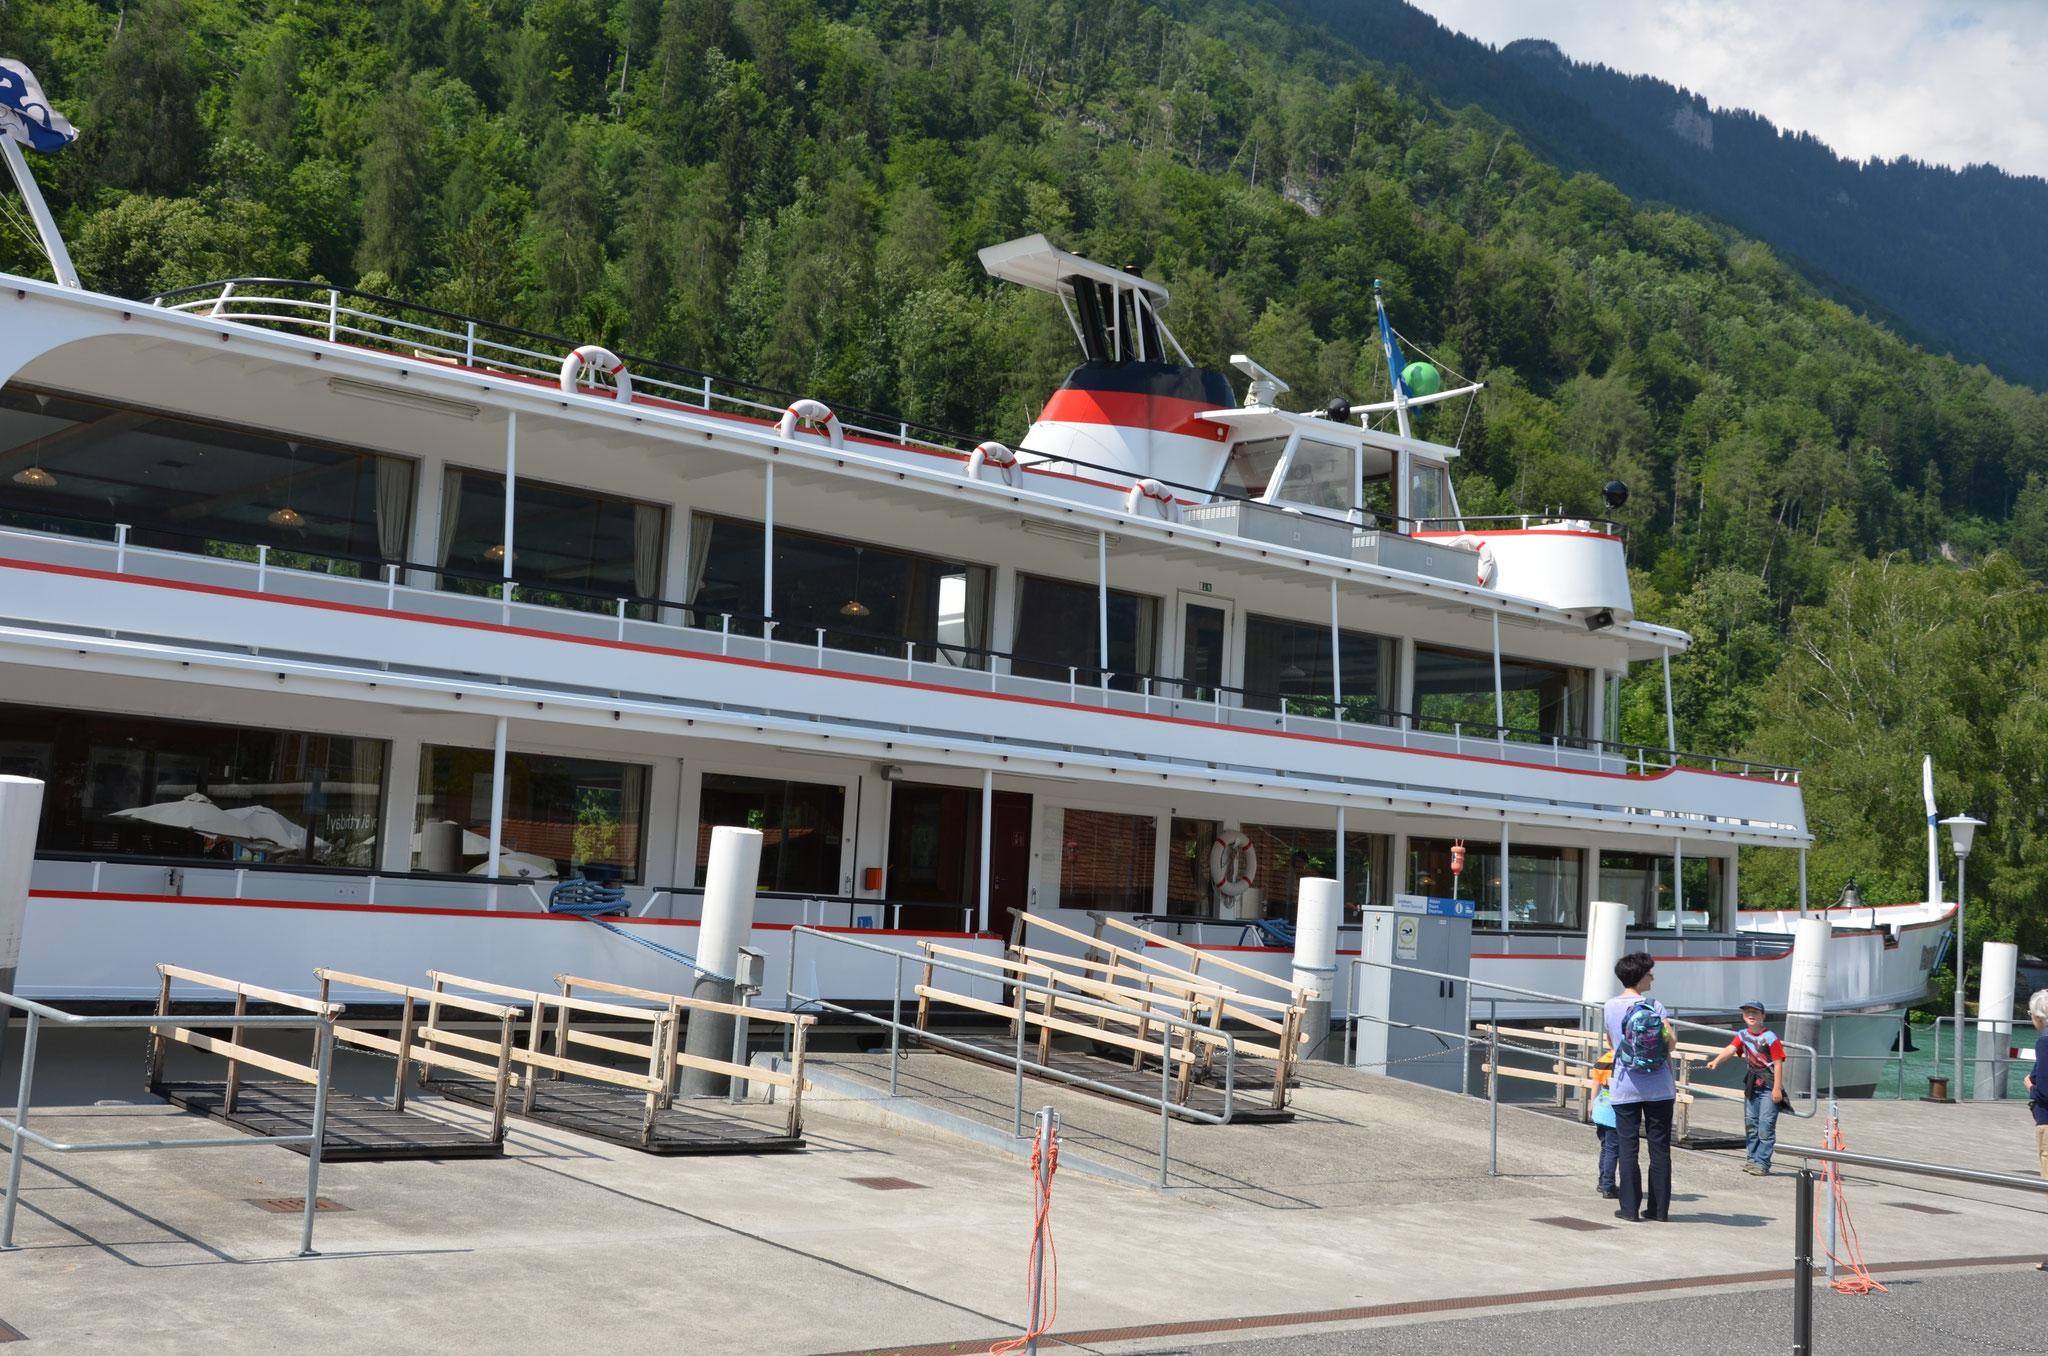 Landfrauenreise  Schifffahrt Interlaken-Brienz